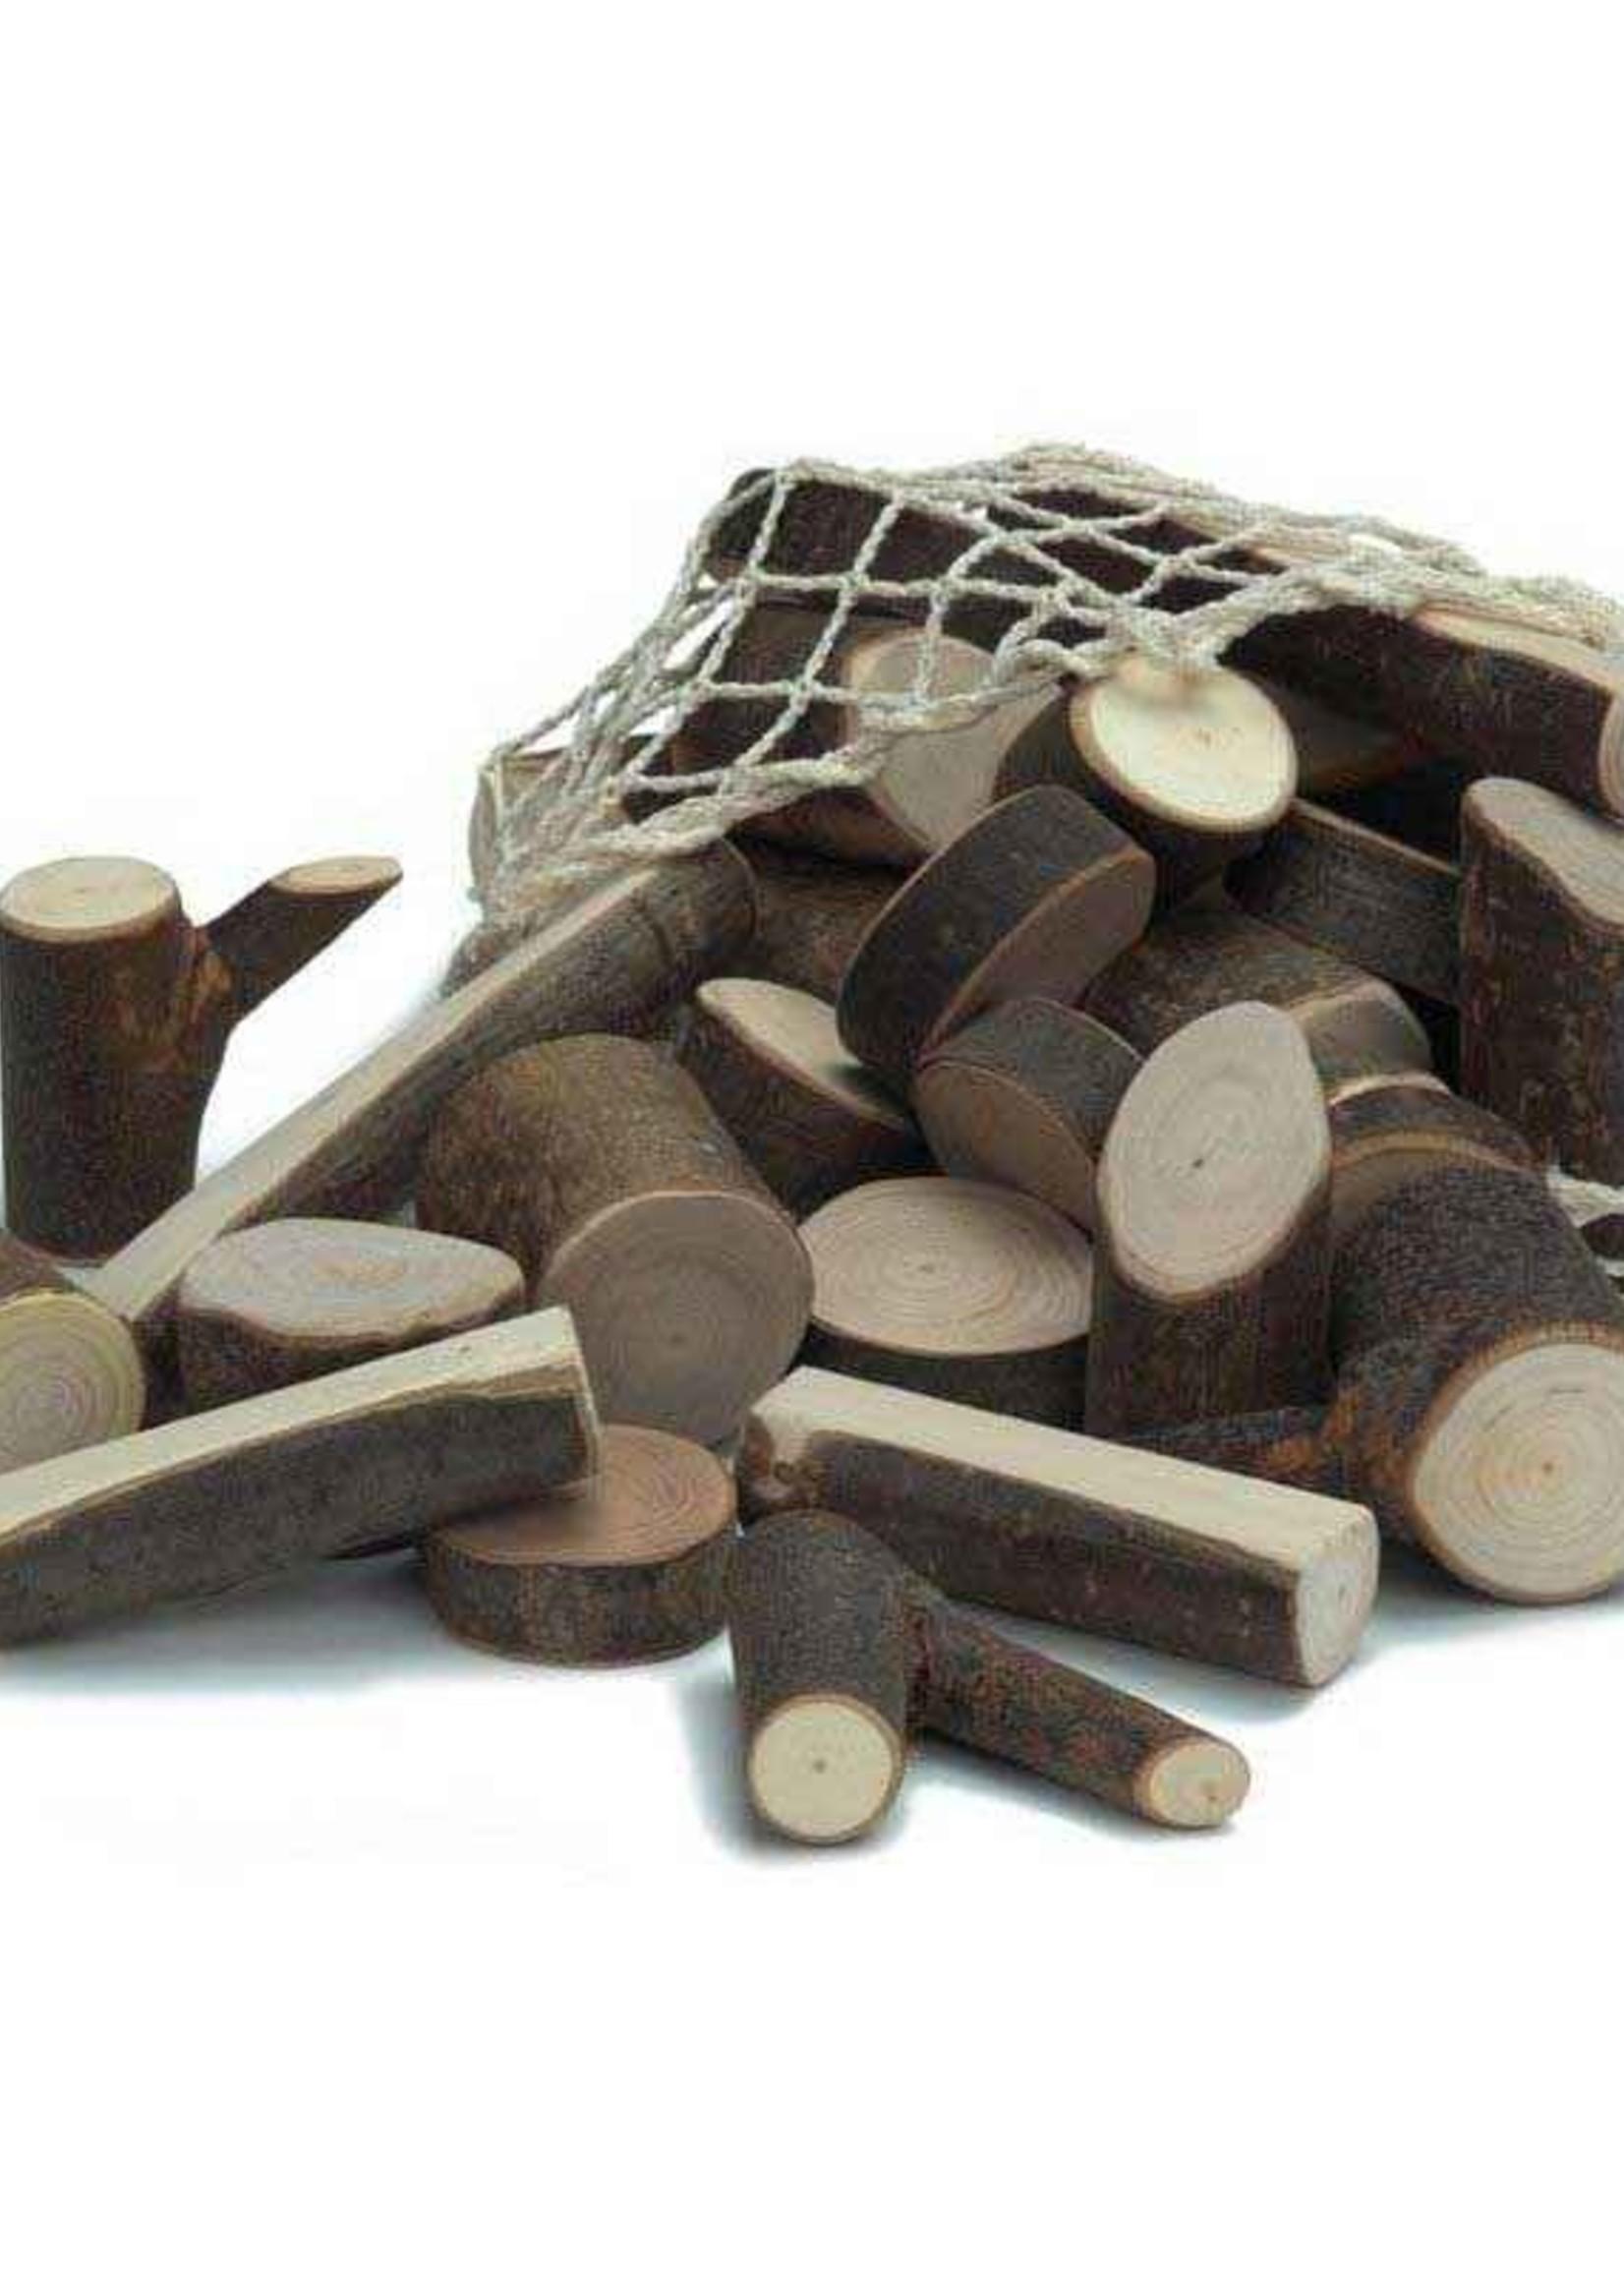 Mideer Branch Wood Blocks in Net   Code: 523398